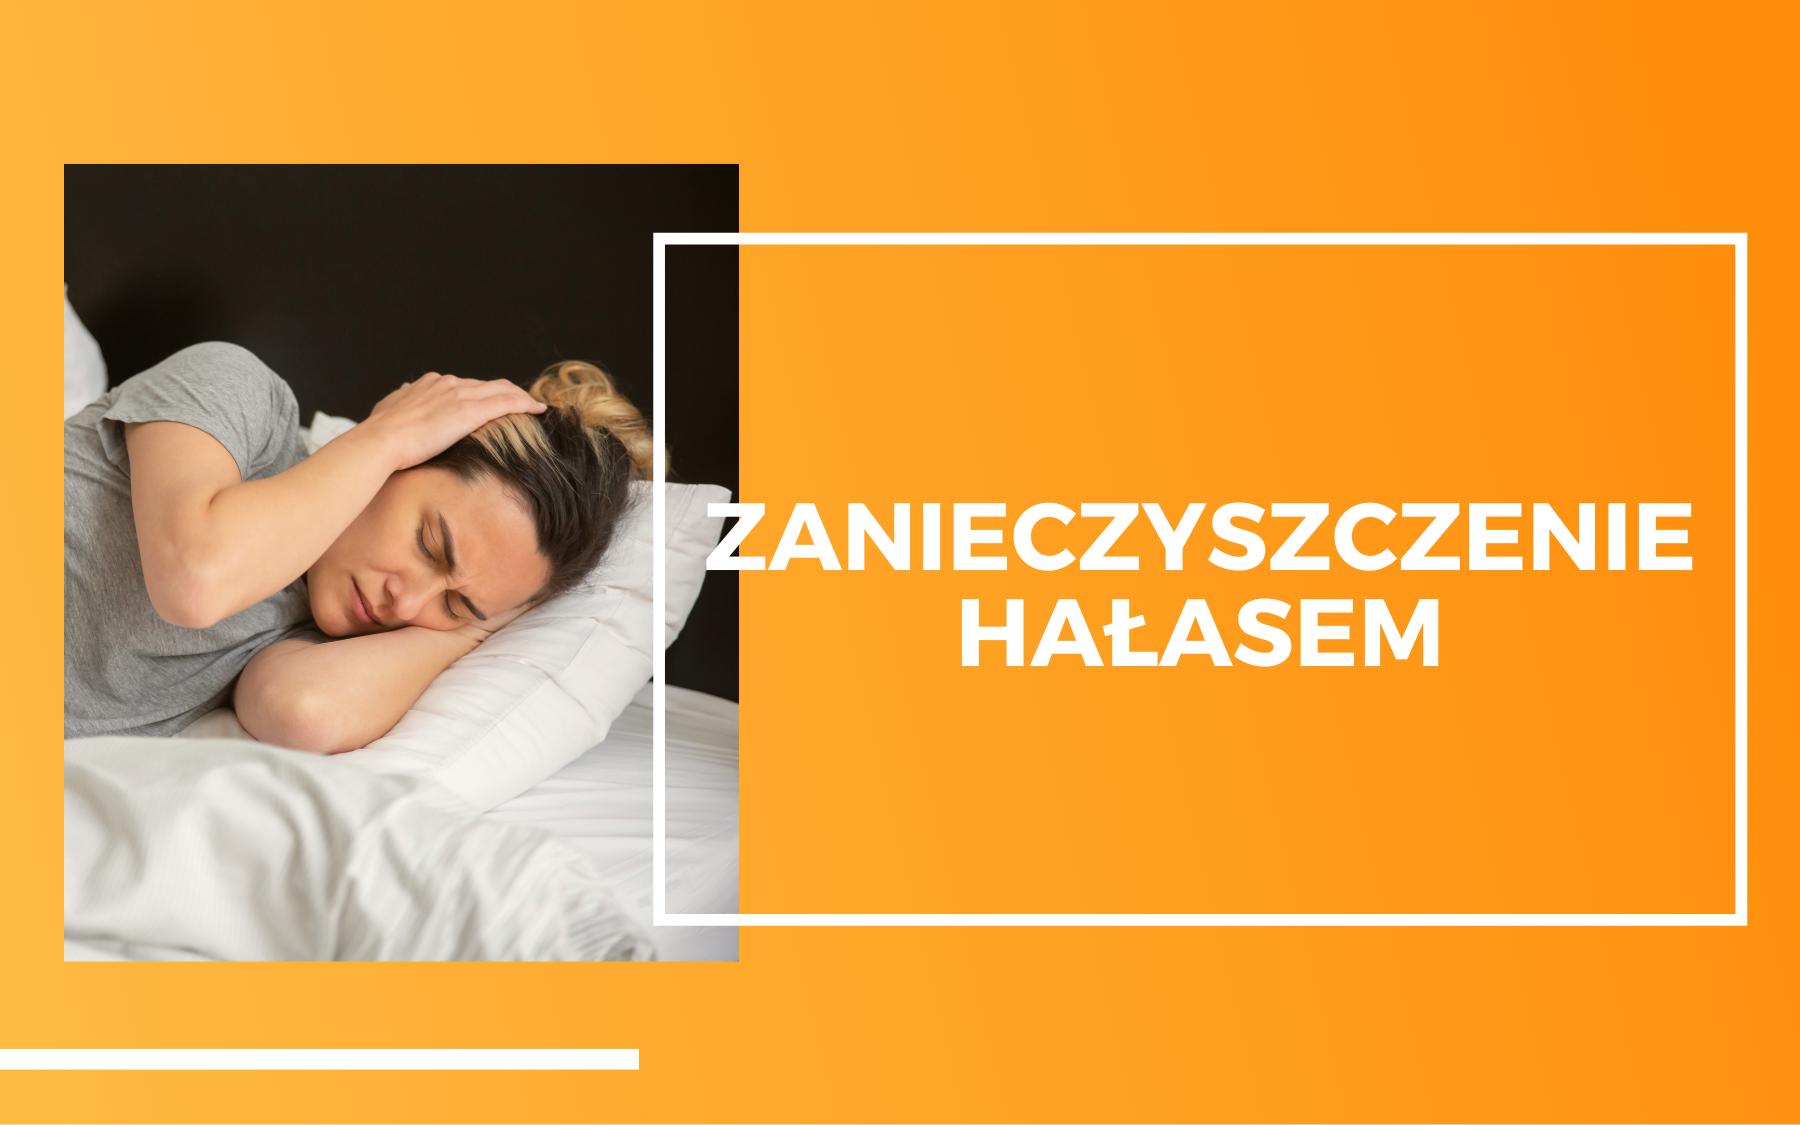 Po lewej stronie kobieta leżąca w łóżku w białej pościeli, zatykająca sobie uszy rękoma. Po prawej biały napis na pomarańczowym tle - zanieczyszczenie hałasem.